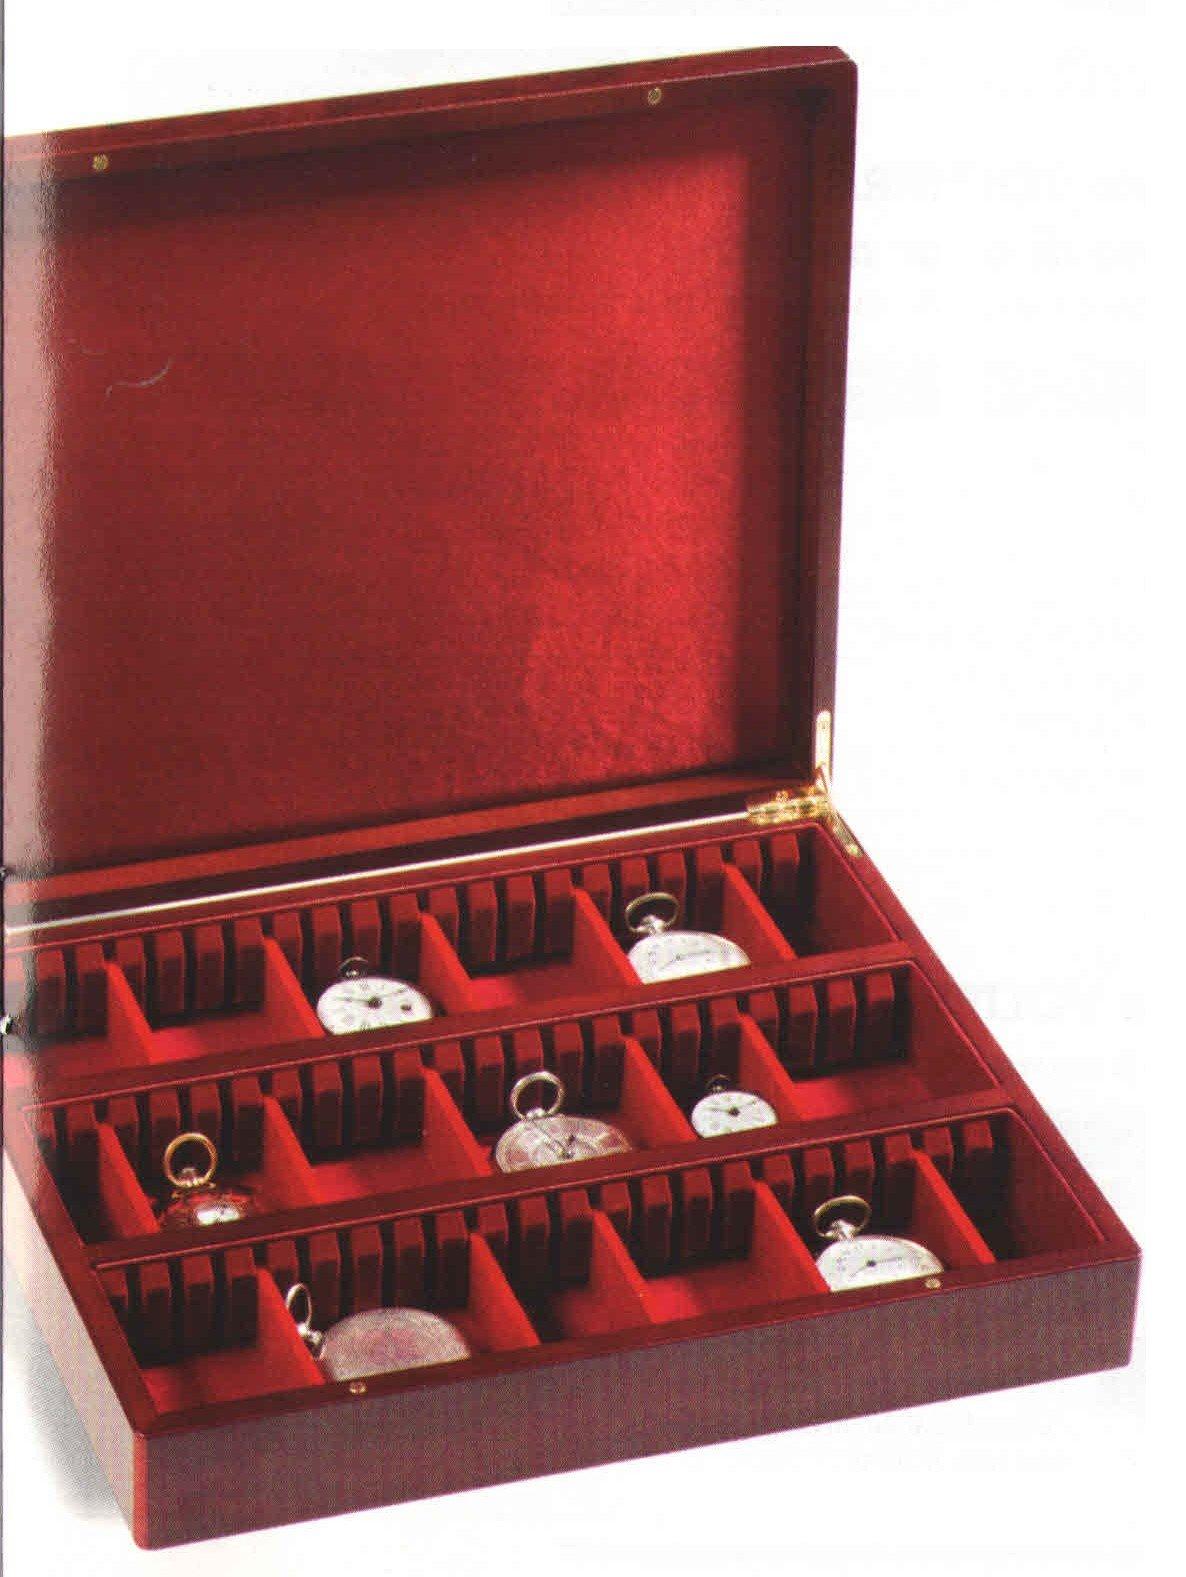 una valigetta con dentro degli orologi